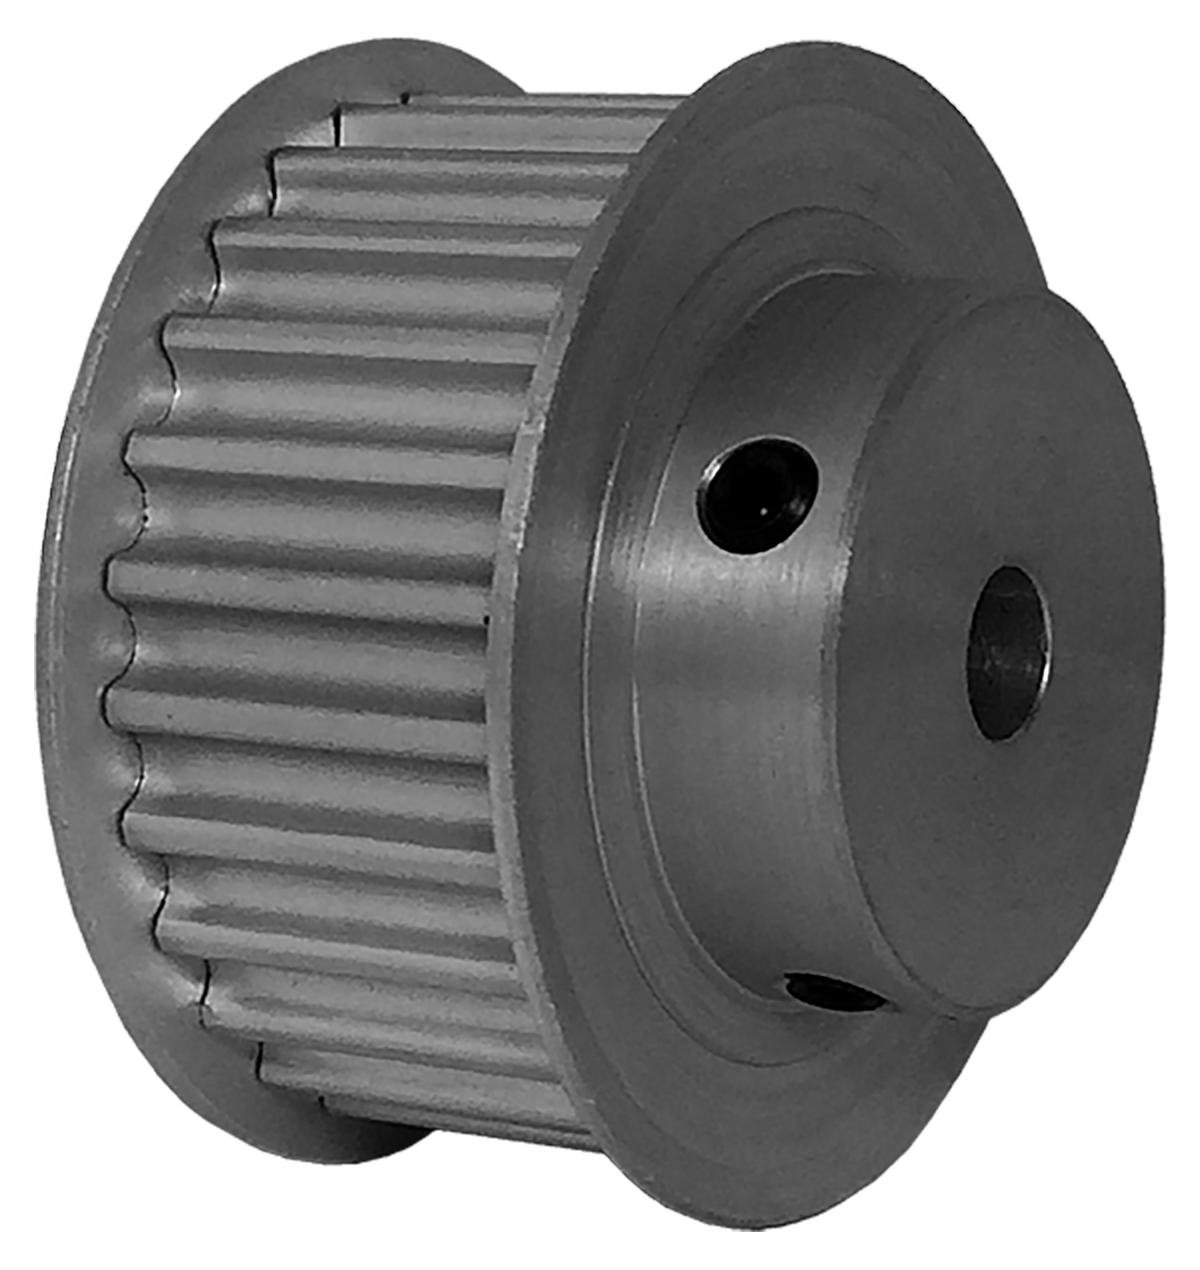 26-5P15-6FA3 - Aluminum Powerhouse® Pulleys